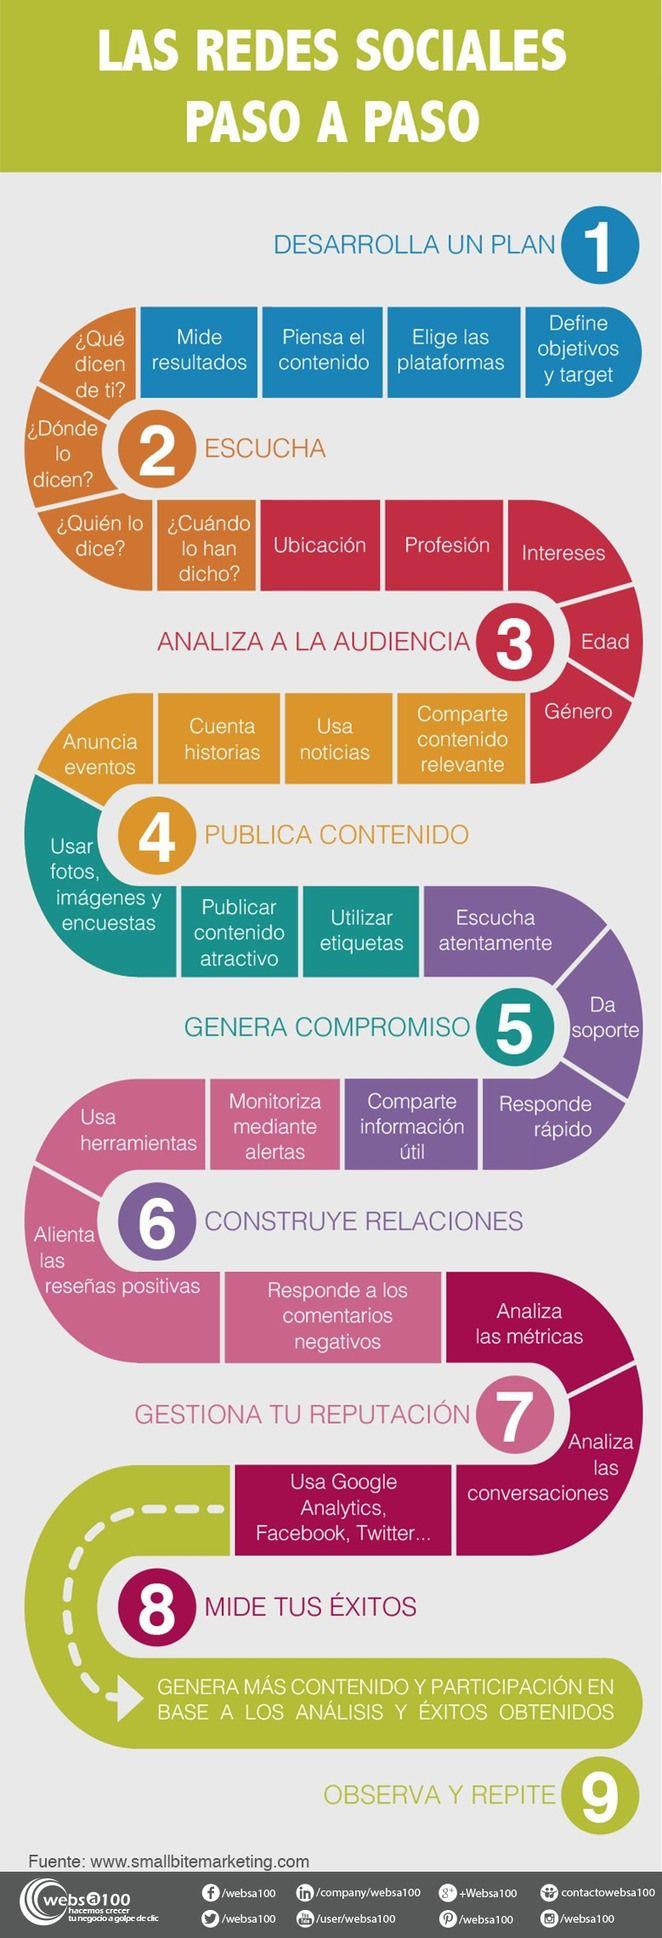 Las redes sociales paso a paso. #infografía | Jose Antonio Antolin